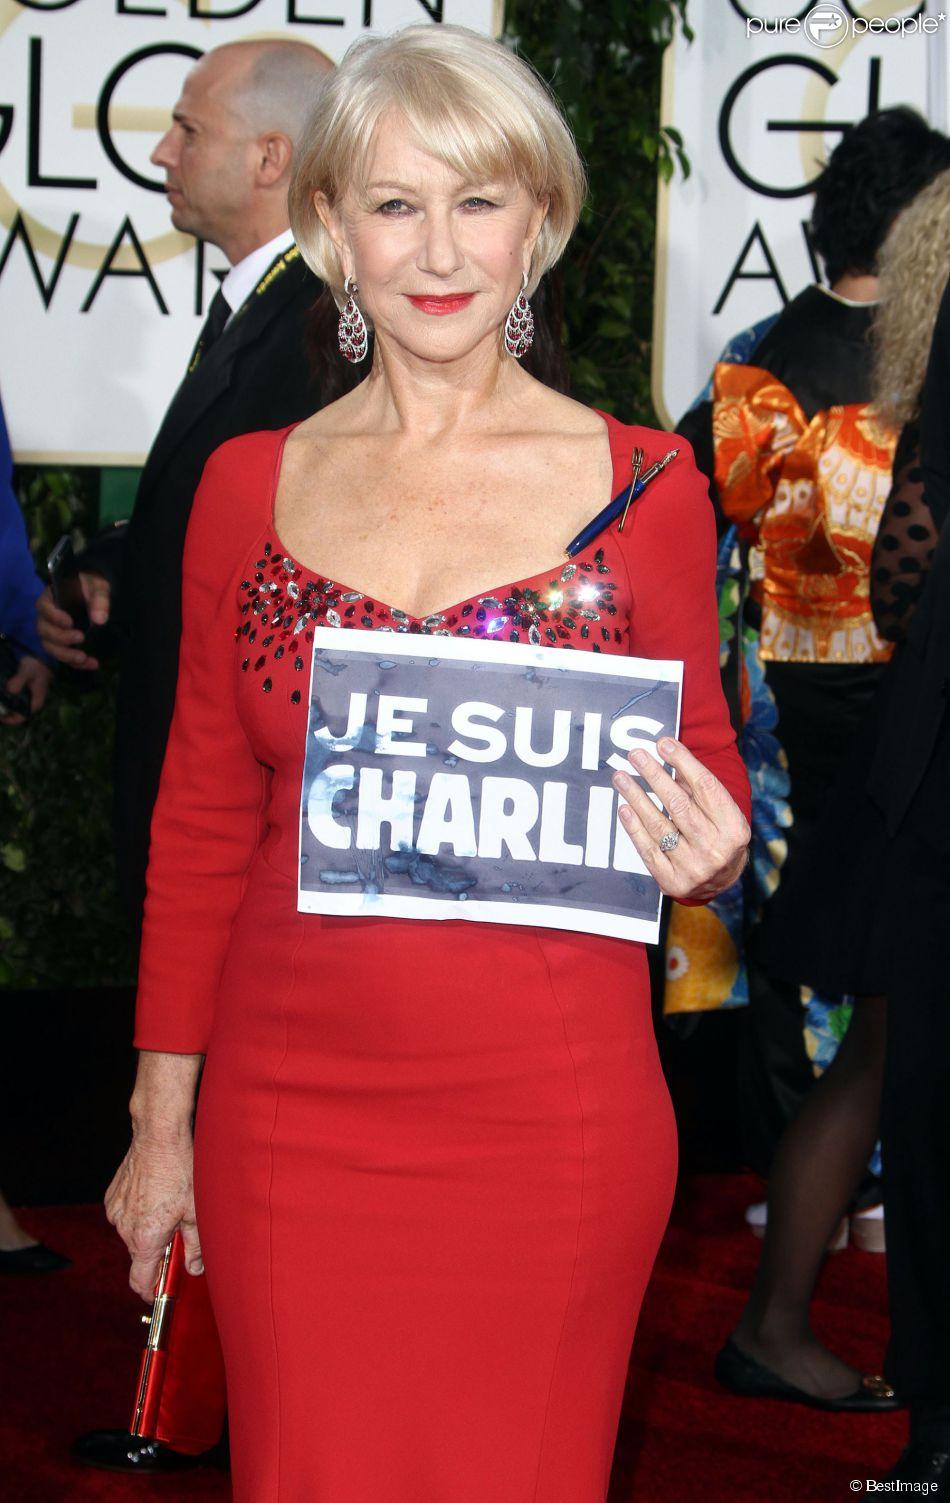 """Helen Mirren - """"Je suis Charlie"""" à la 72e cérémonie annuelle des Golden Globe Awards à Beverly Hills, le 11 janvier 2015."""